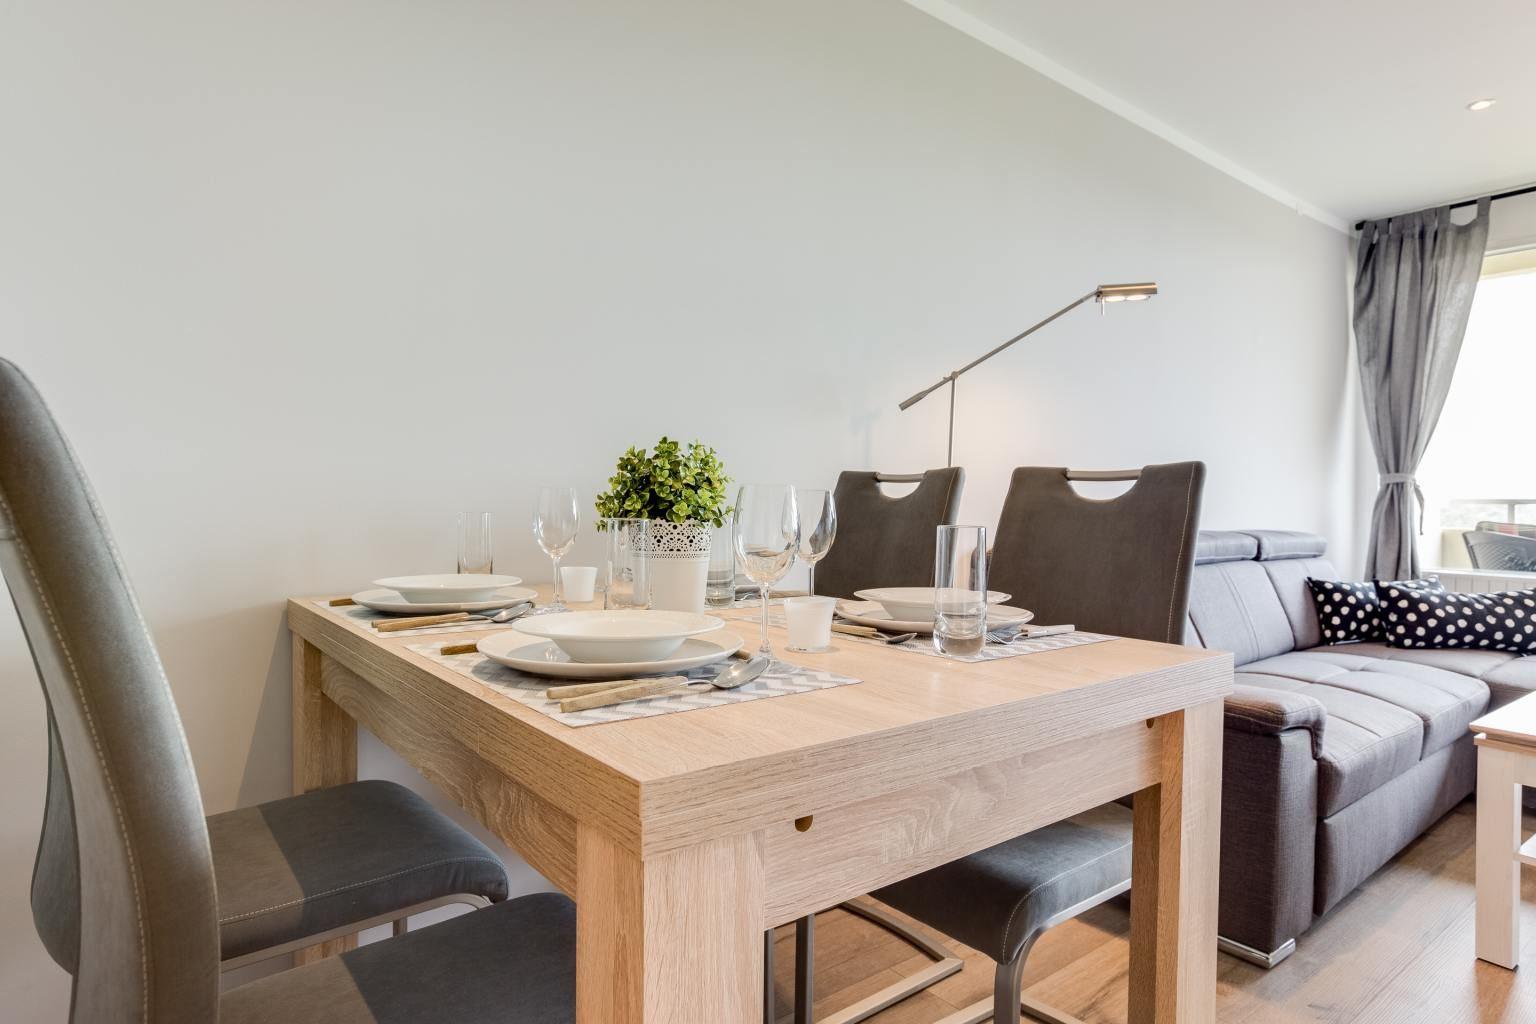 Essbereich - Haus Atlantic, Wohnung 93, 3-Zimmer-Ferienwohnung für bis zu 4 Personen, Alter Badweg 11-15, St. Peter-Bad